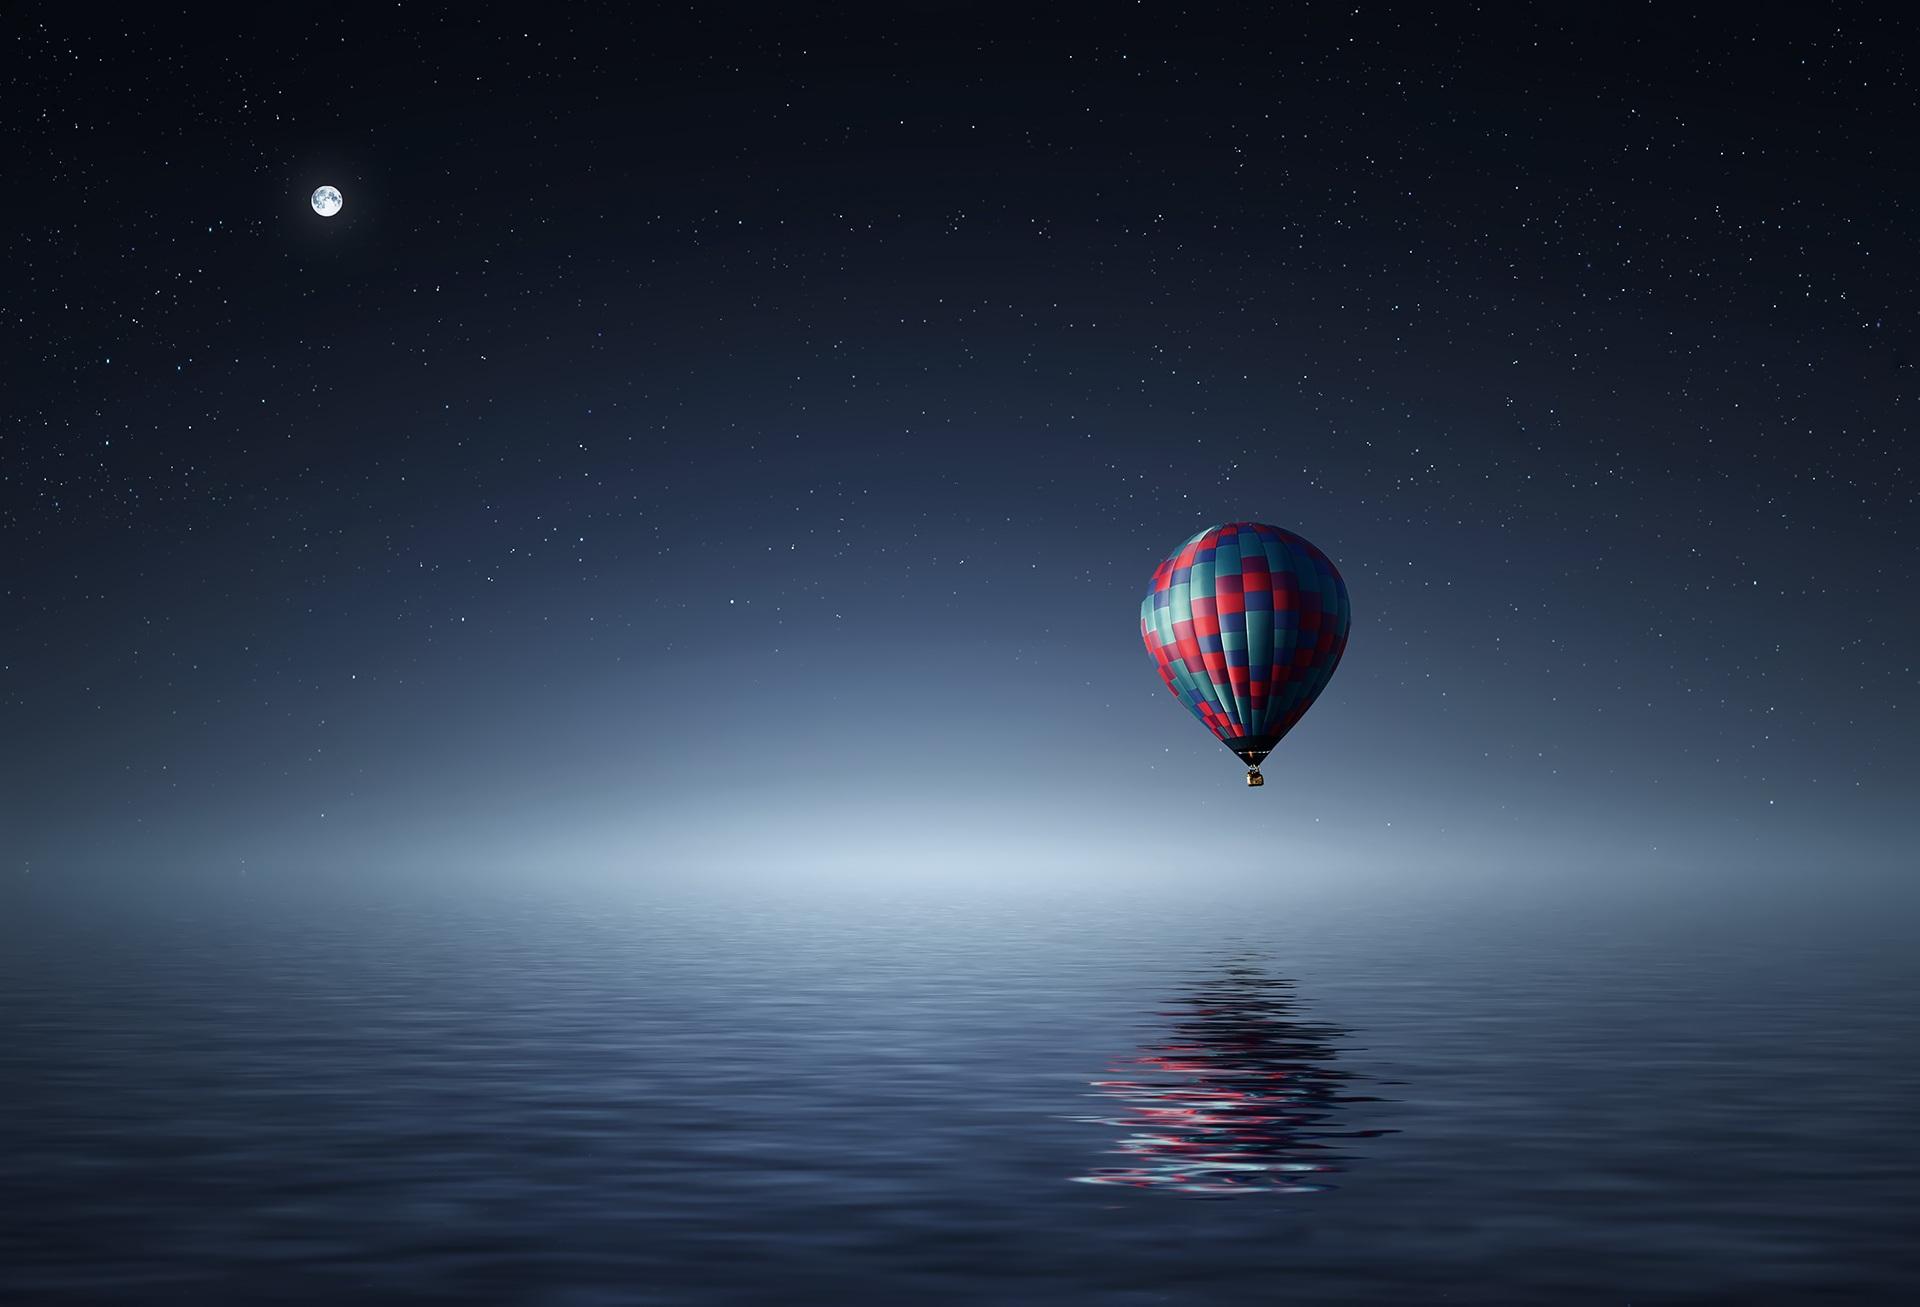 Hot air balloon marketing your 3 Principles enterprise